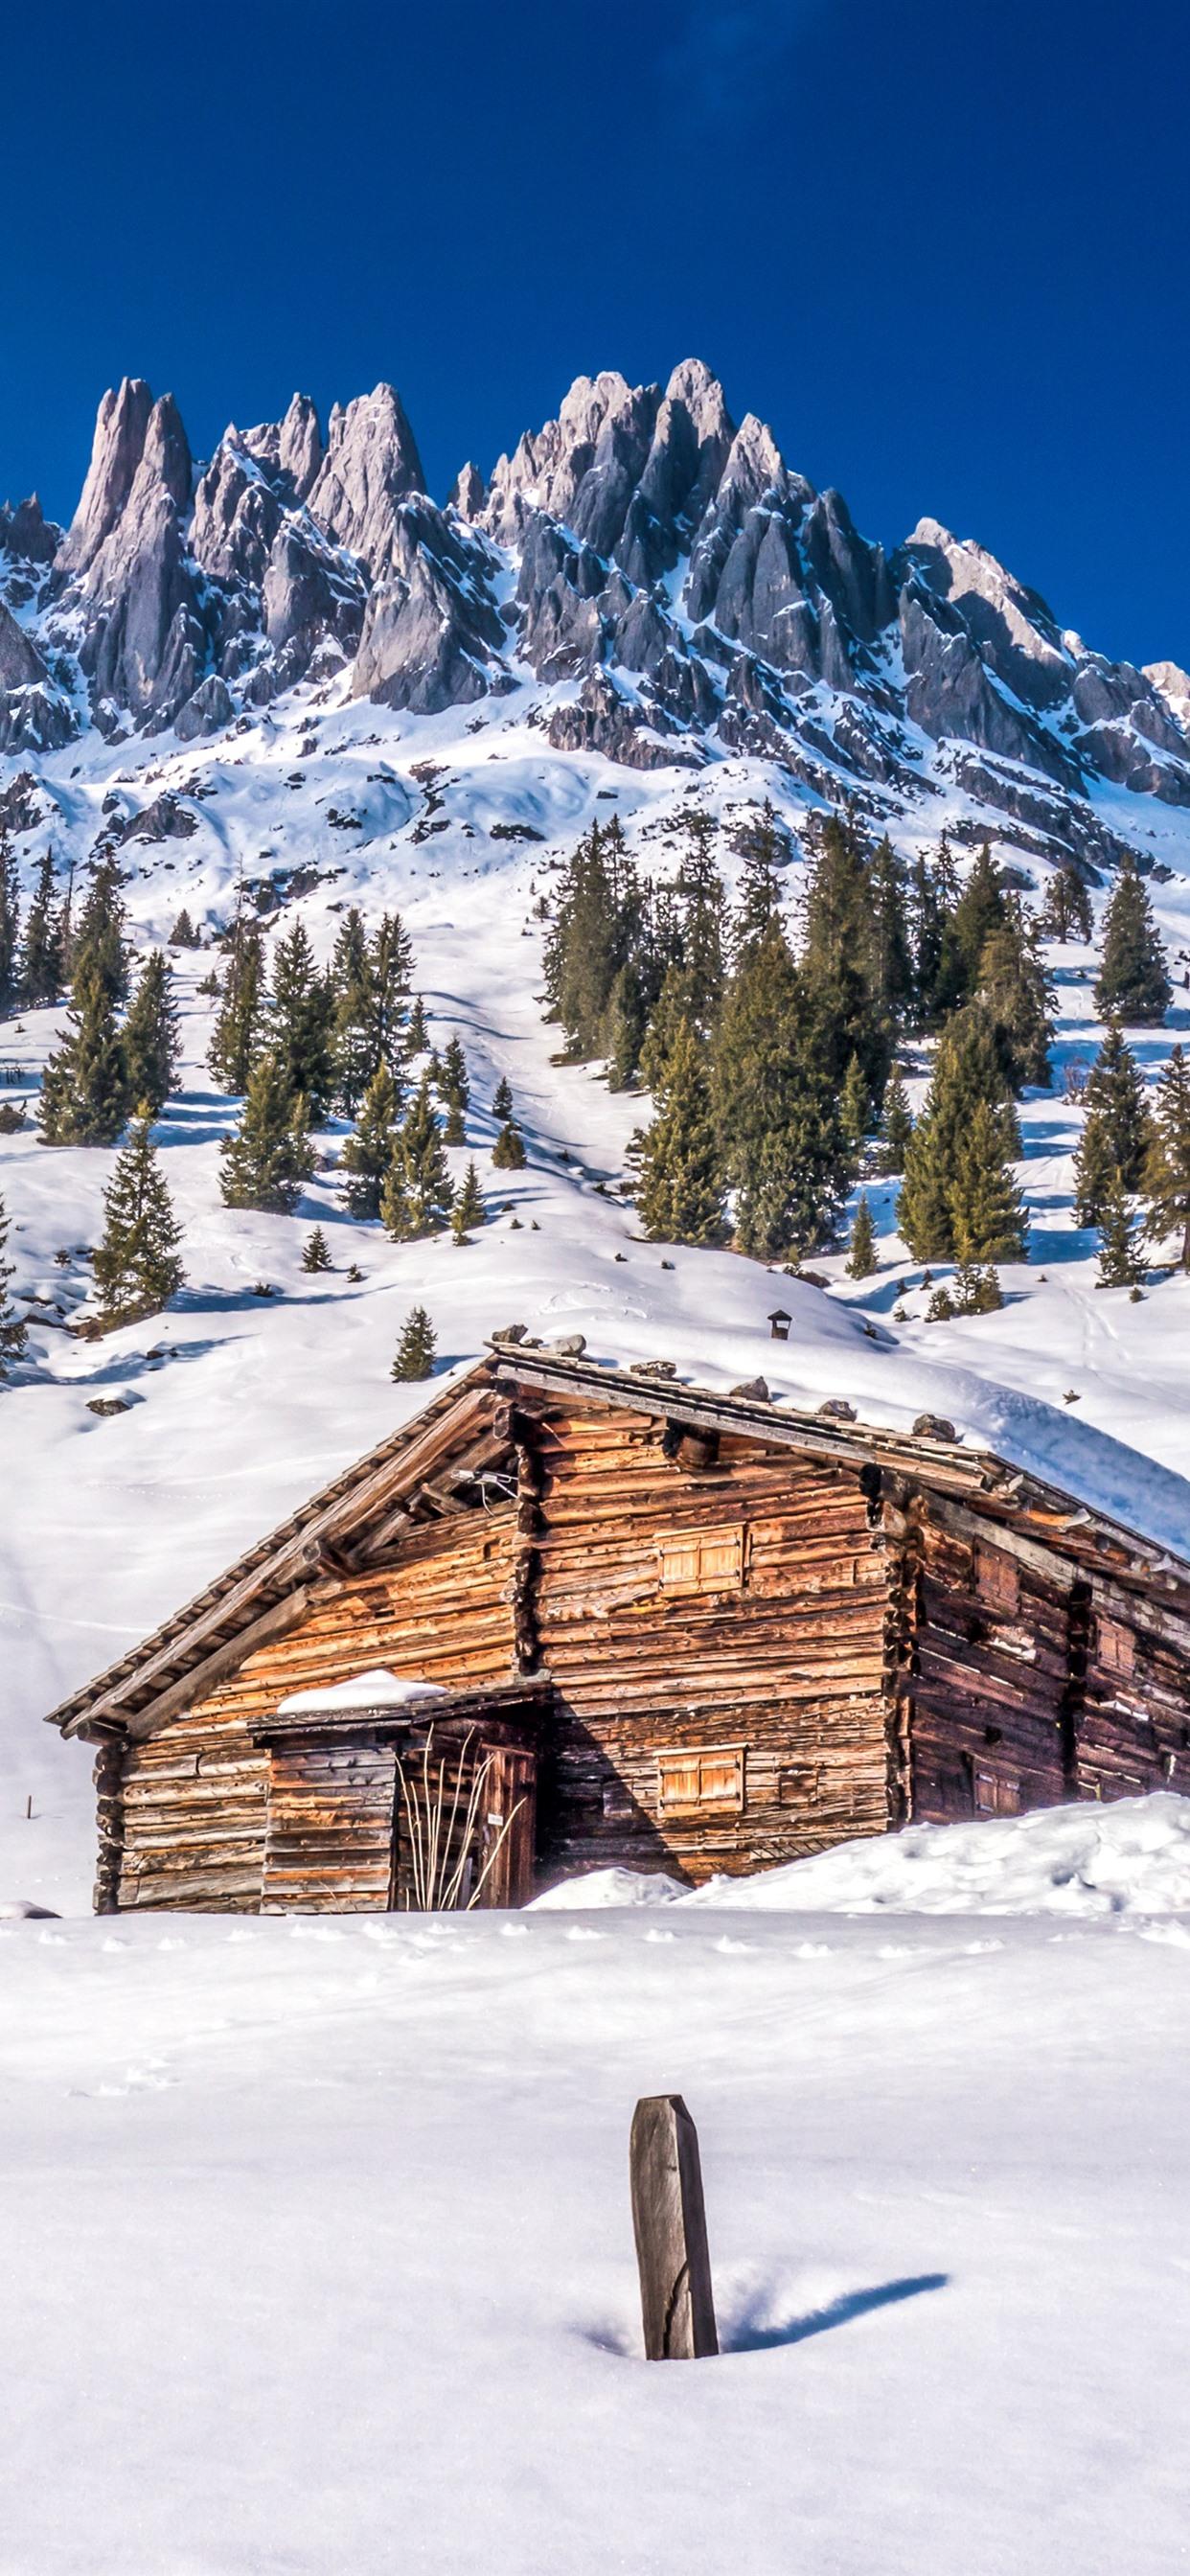 ラッセン火山国立公園 雪 山 木 家 冬 アメリカ 1242x2688